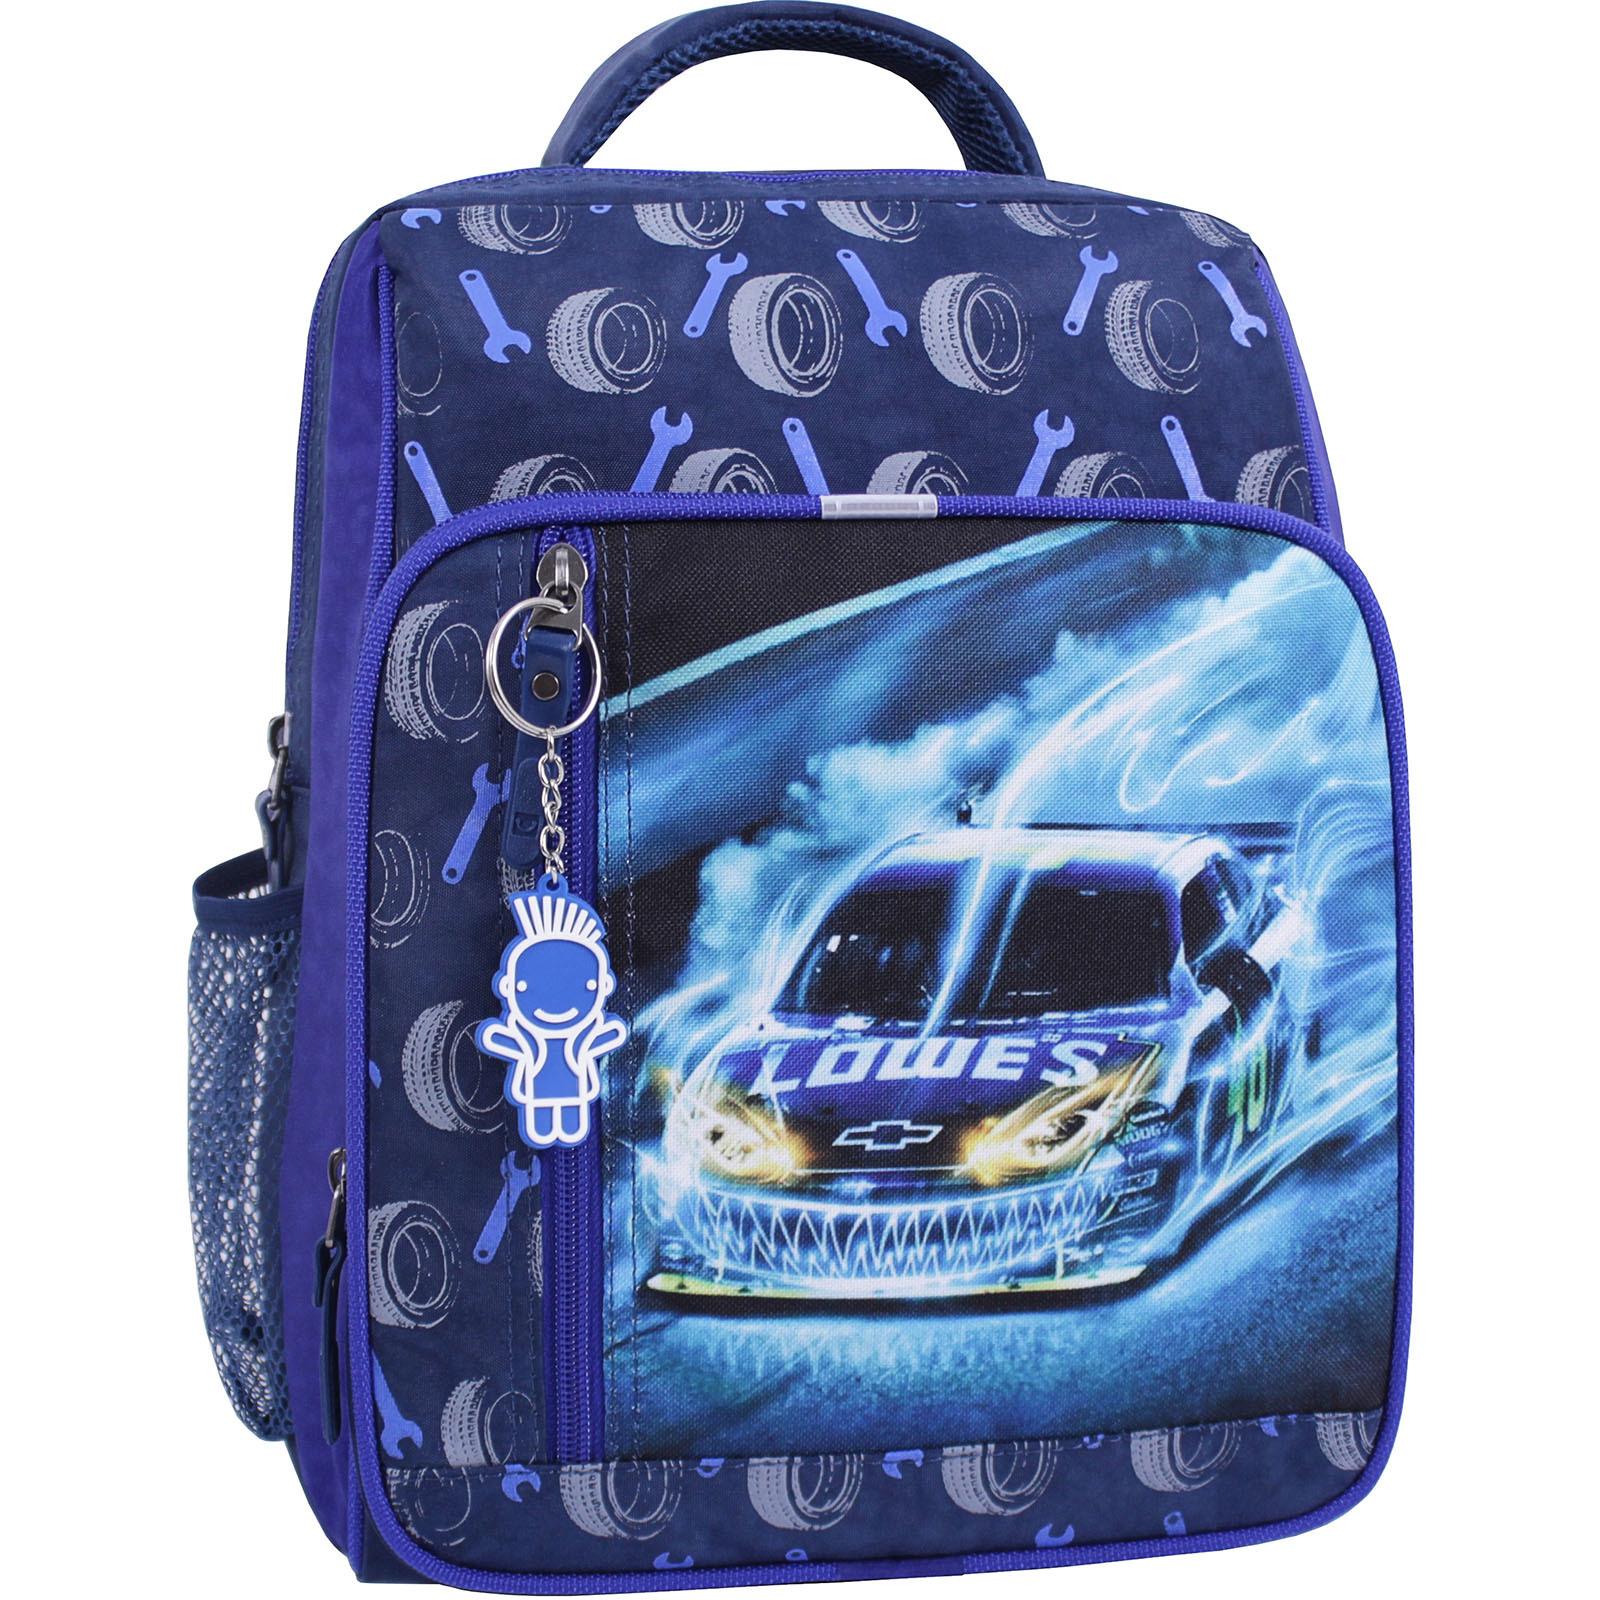 Рюкзак школьный Bagland Школьник 8 л. 225 синий 555 (00112702)